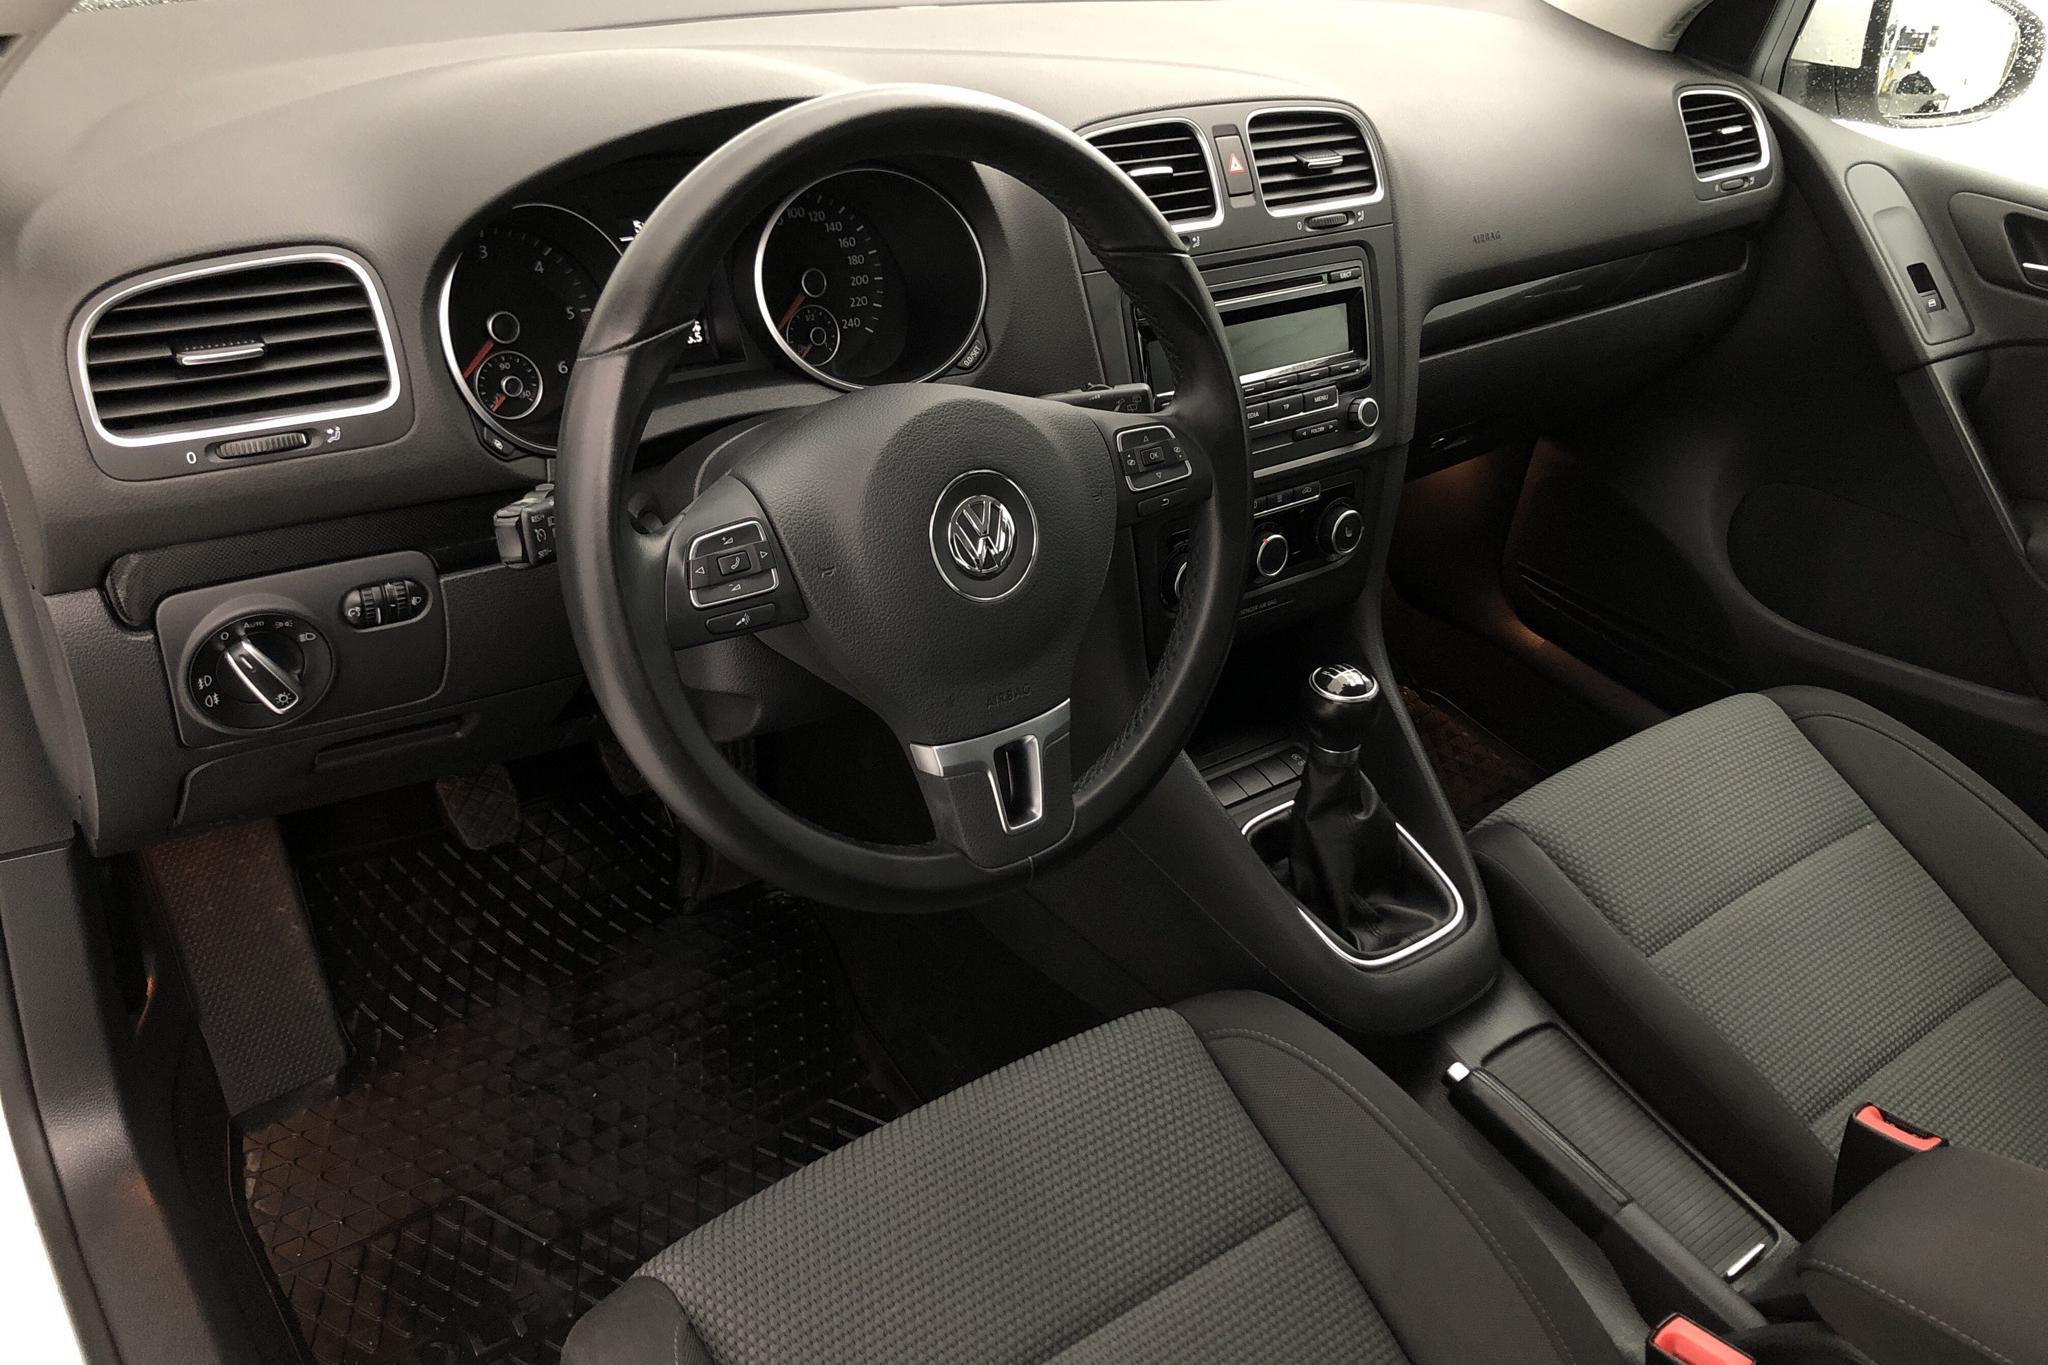 VW Golf VI GT 2.0 TDI 5dr (140hk) - 8 686 mil - Manuell - vit - 2012